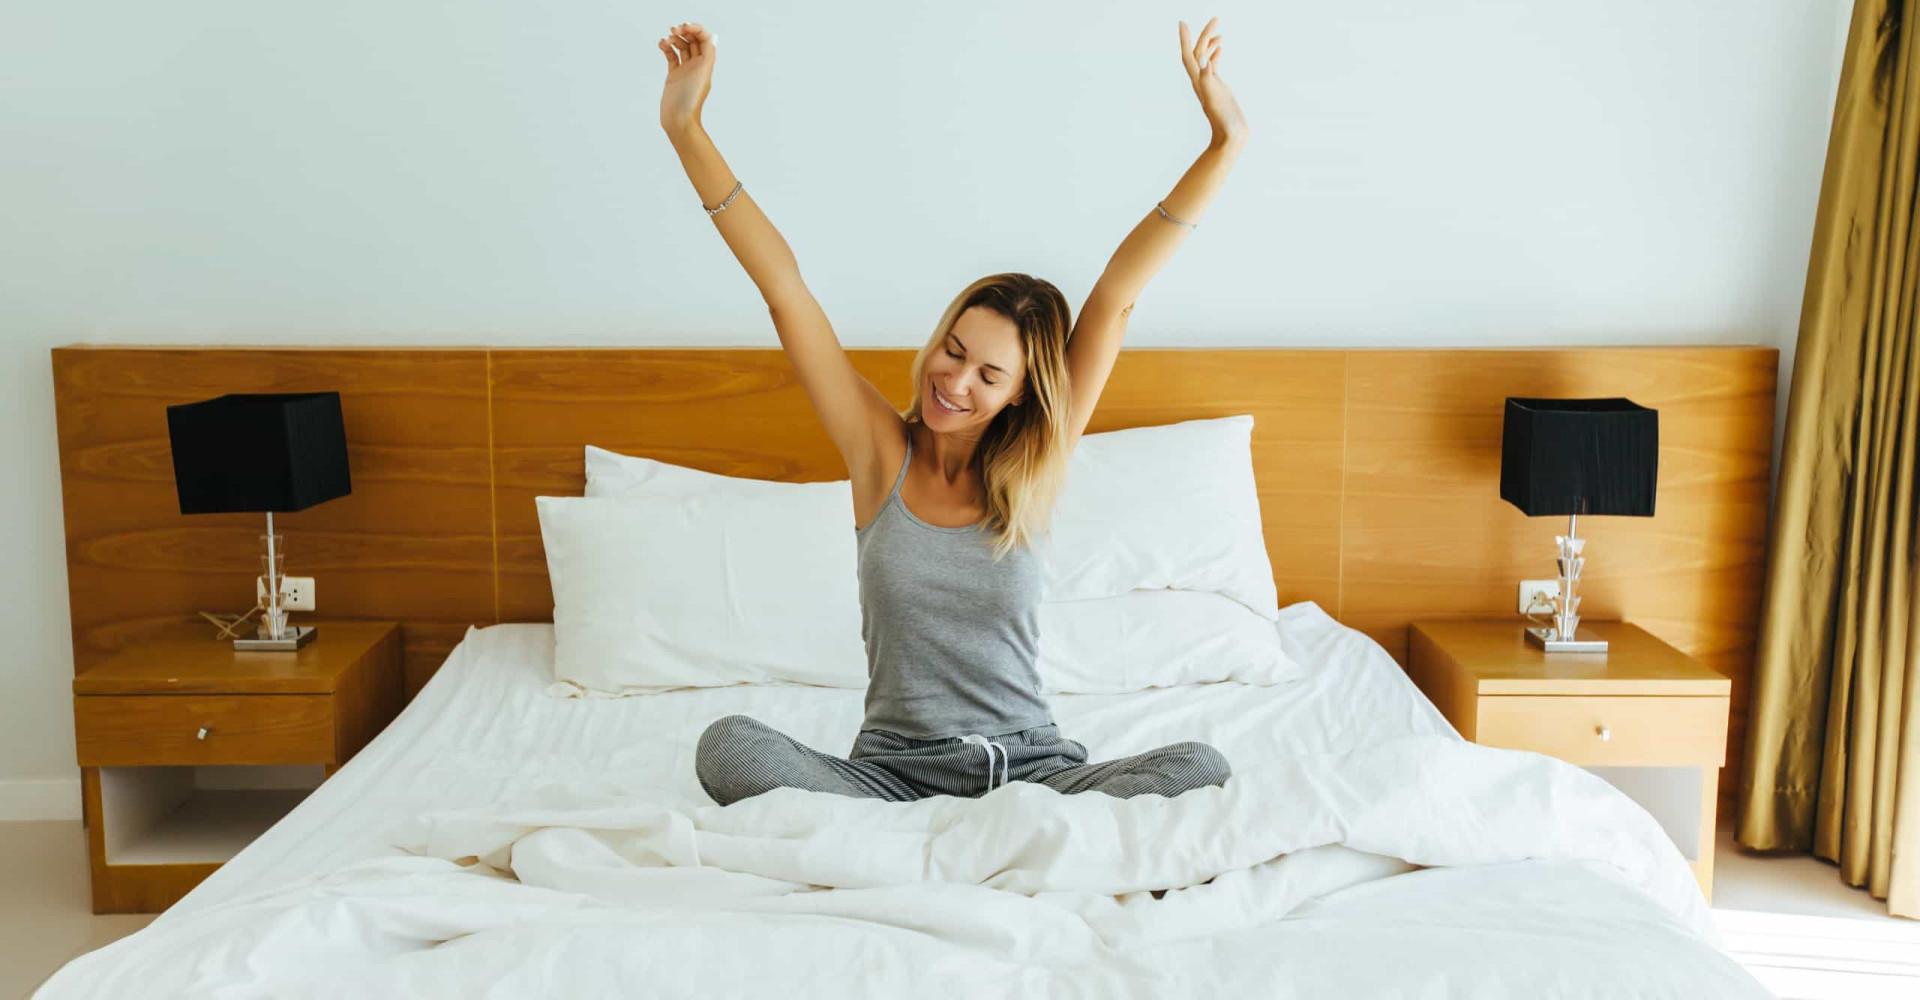 Slapen op twee matrassen verstandig of juist niet?